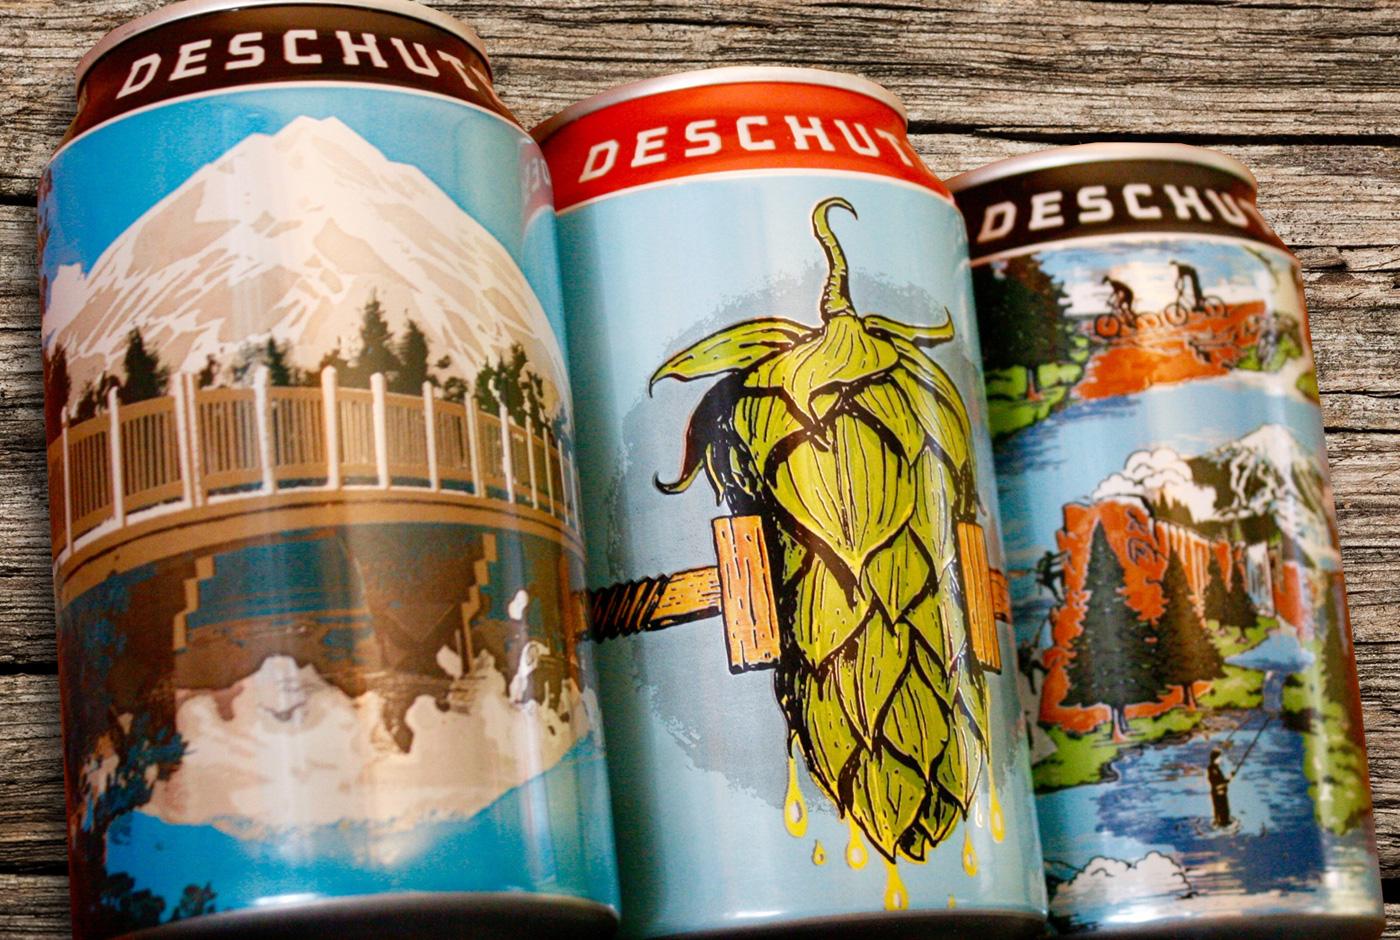 Deschutes-Brewery-cans-calendar